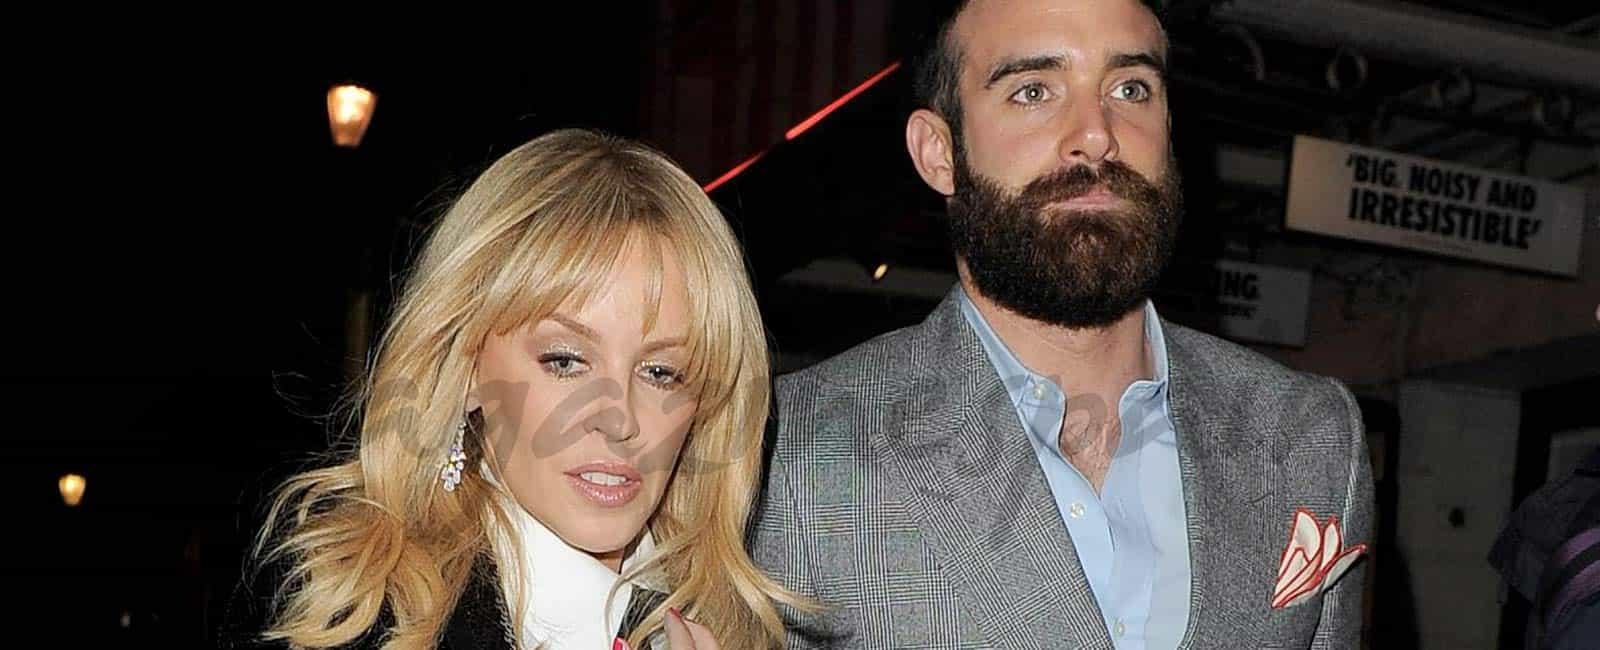 Kylie Minogue rompe su compromiso con Joshua Sasse… ¿Una actriz española el motivo?